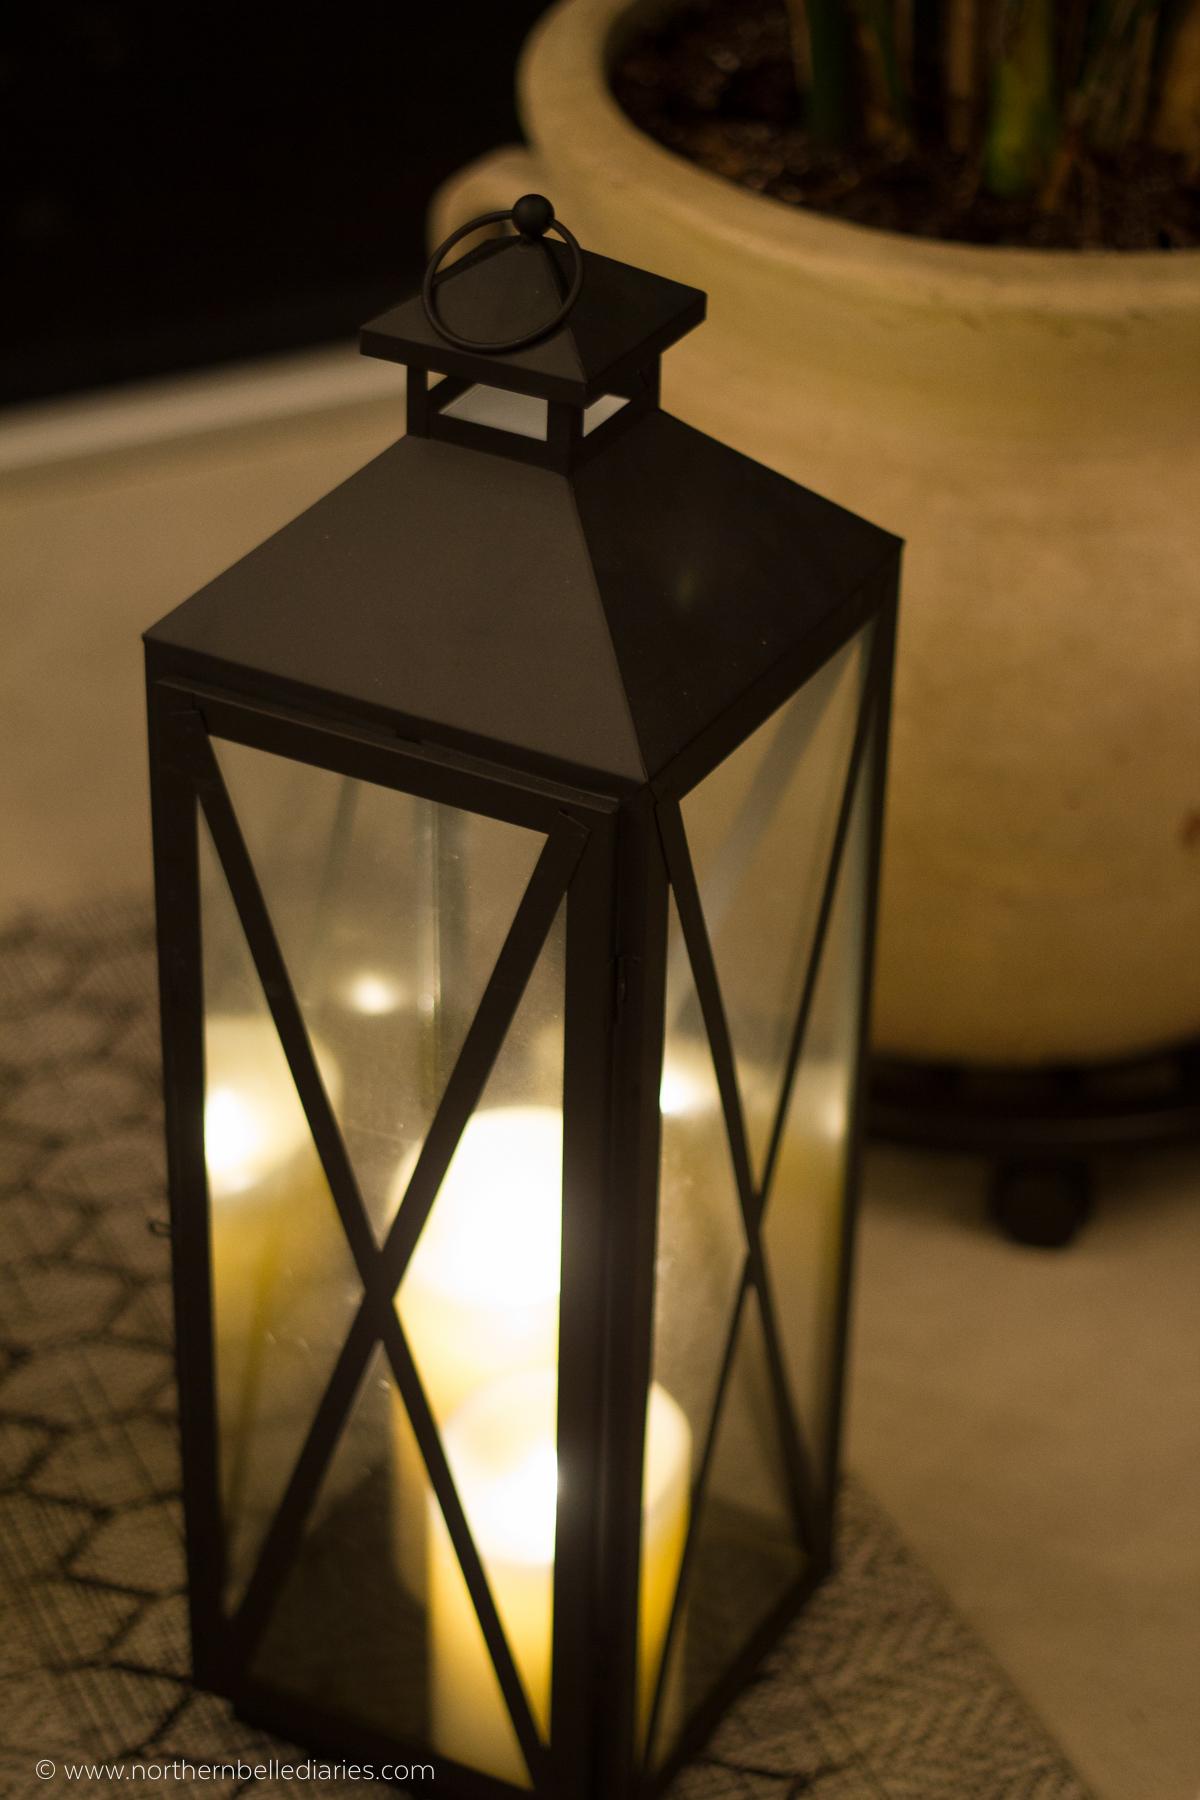 #AtHomefinds lantern at night-2